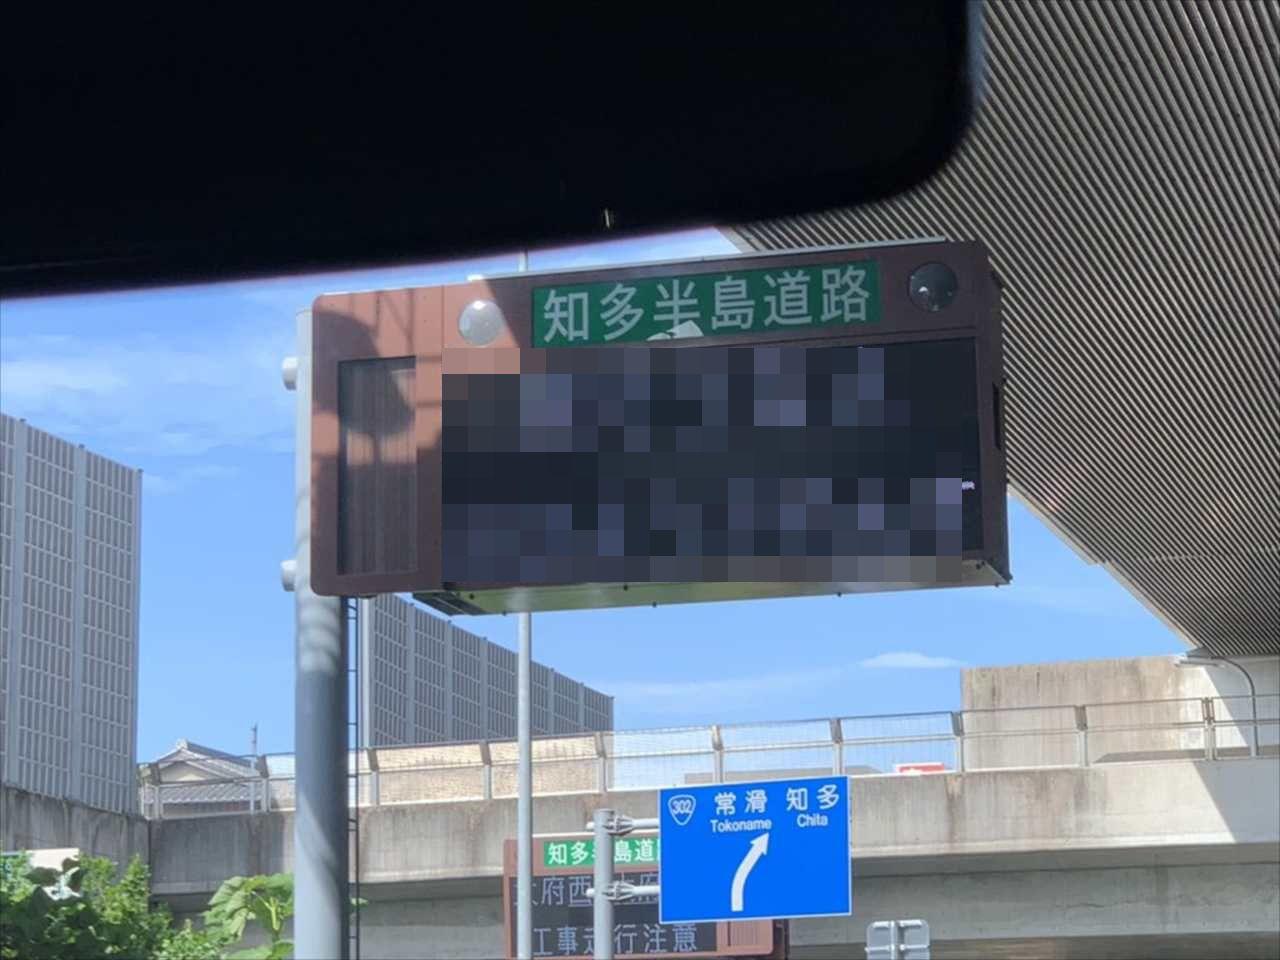 「こんなメッセージが出るんだ!」二度見確実なハイセンスな電光掲示板